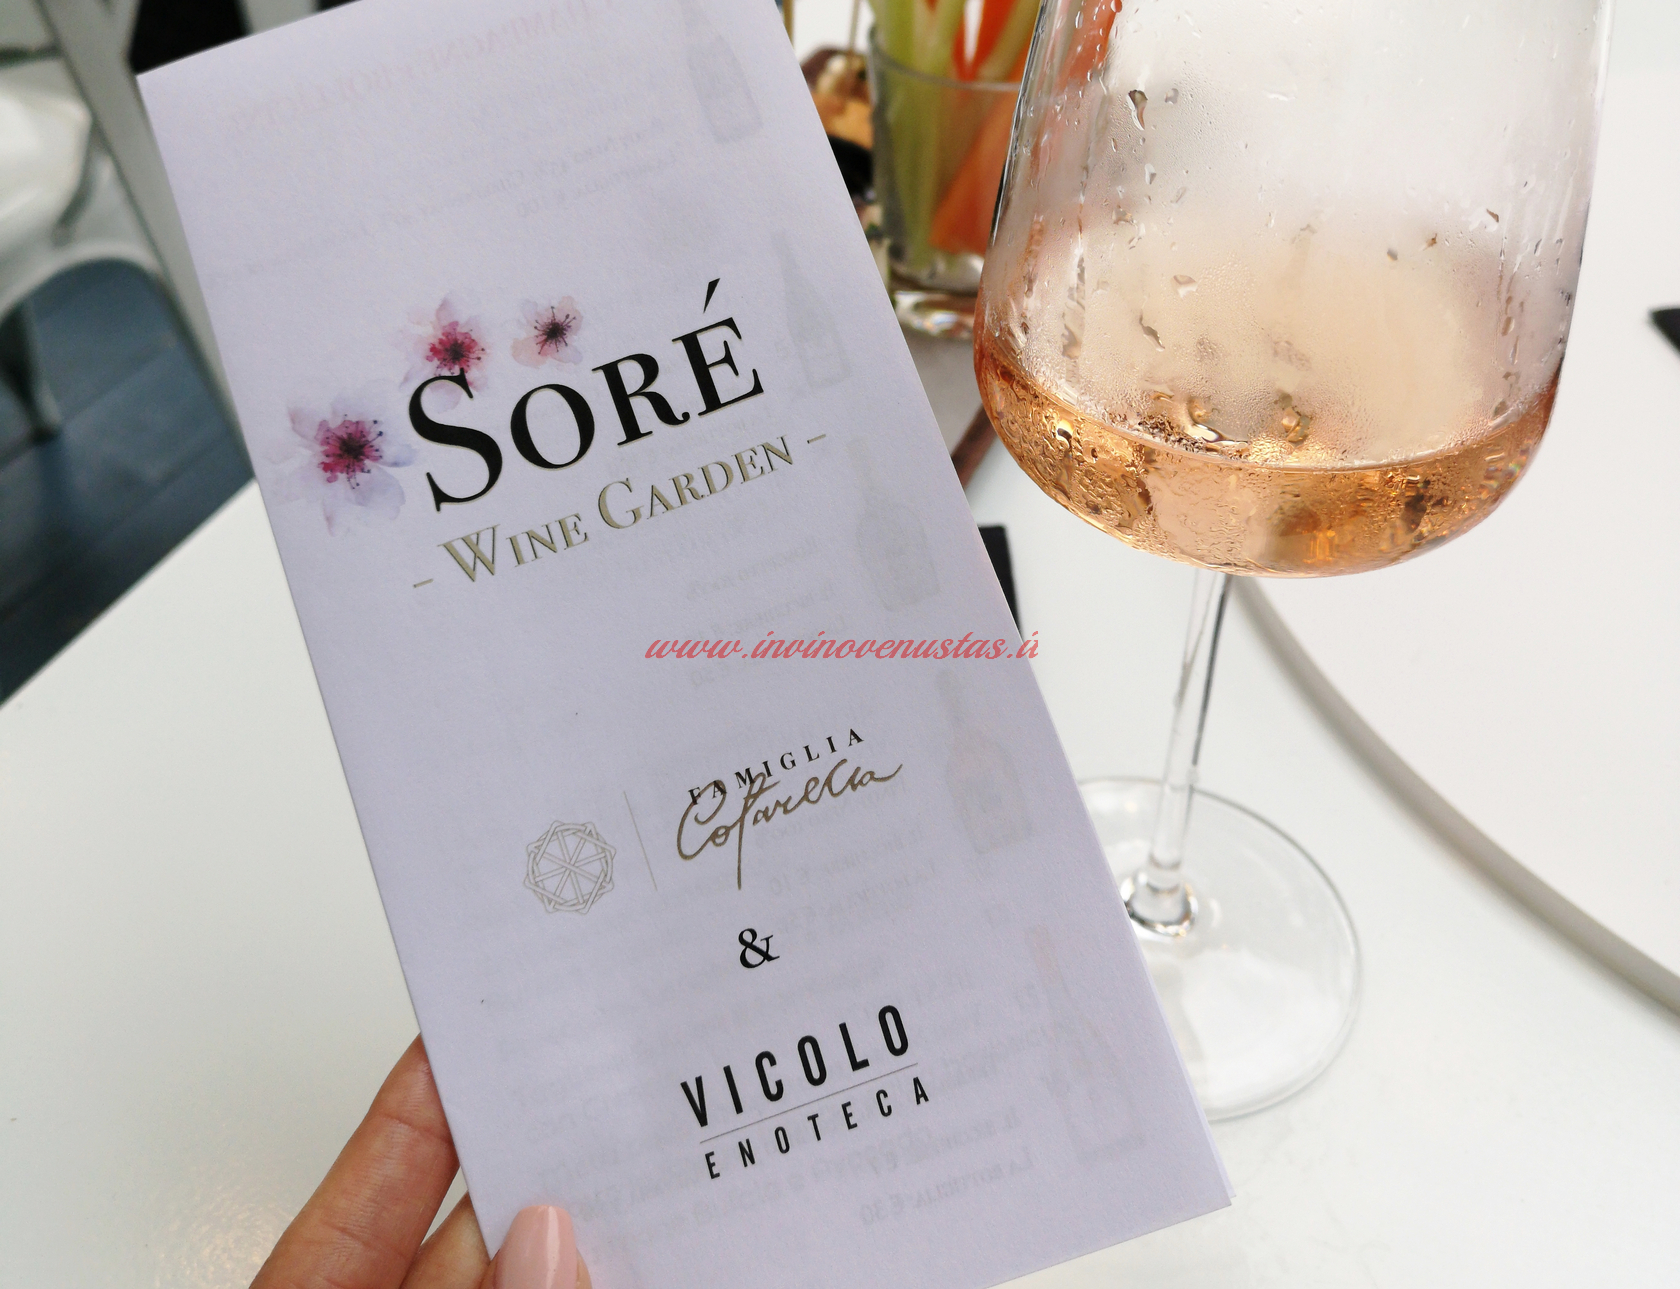 Degustazione Soré Cotarella nel Soré Wine Garden di Riccione